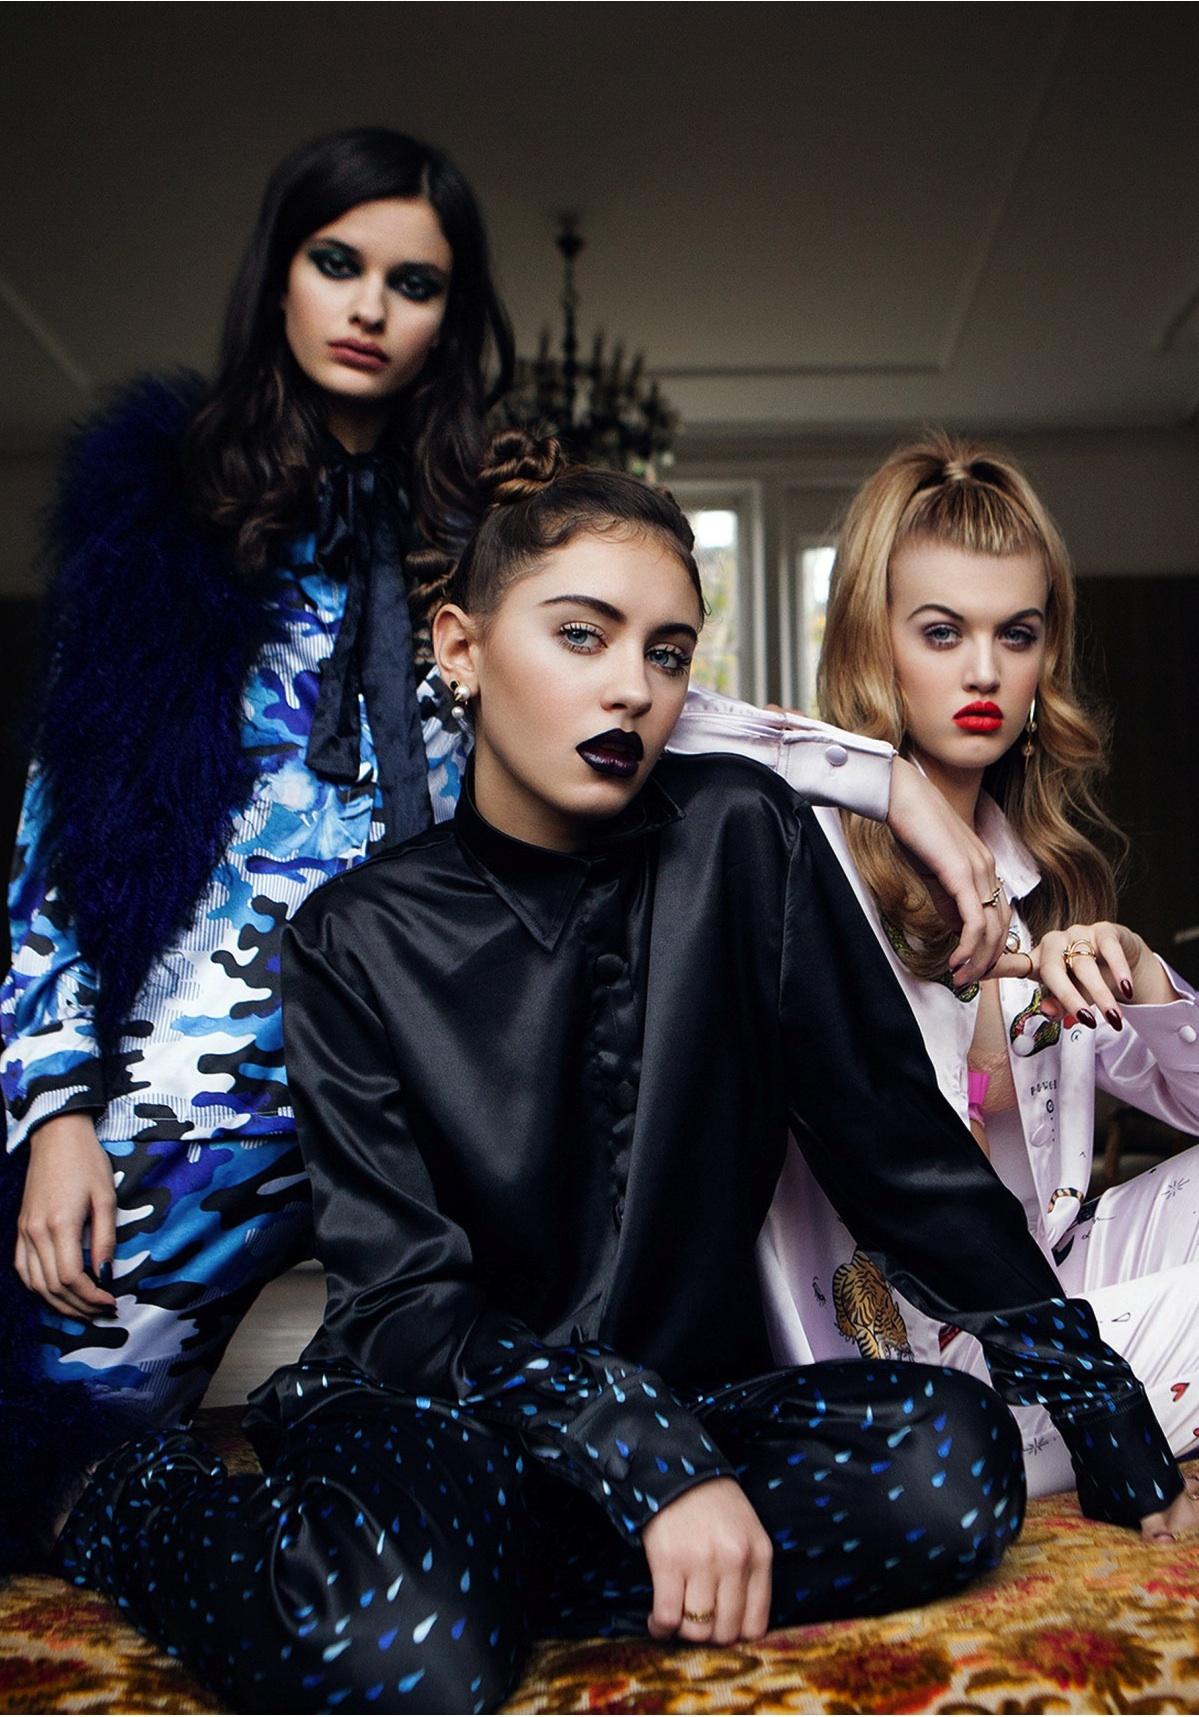 Iris Law y Dylan Brosnan: Más modelos hijos de famosos